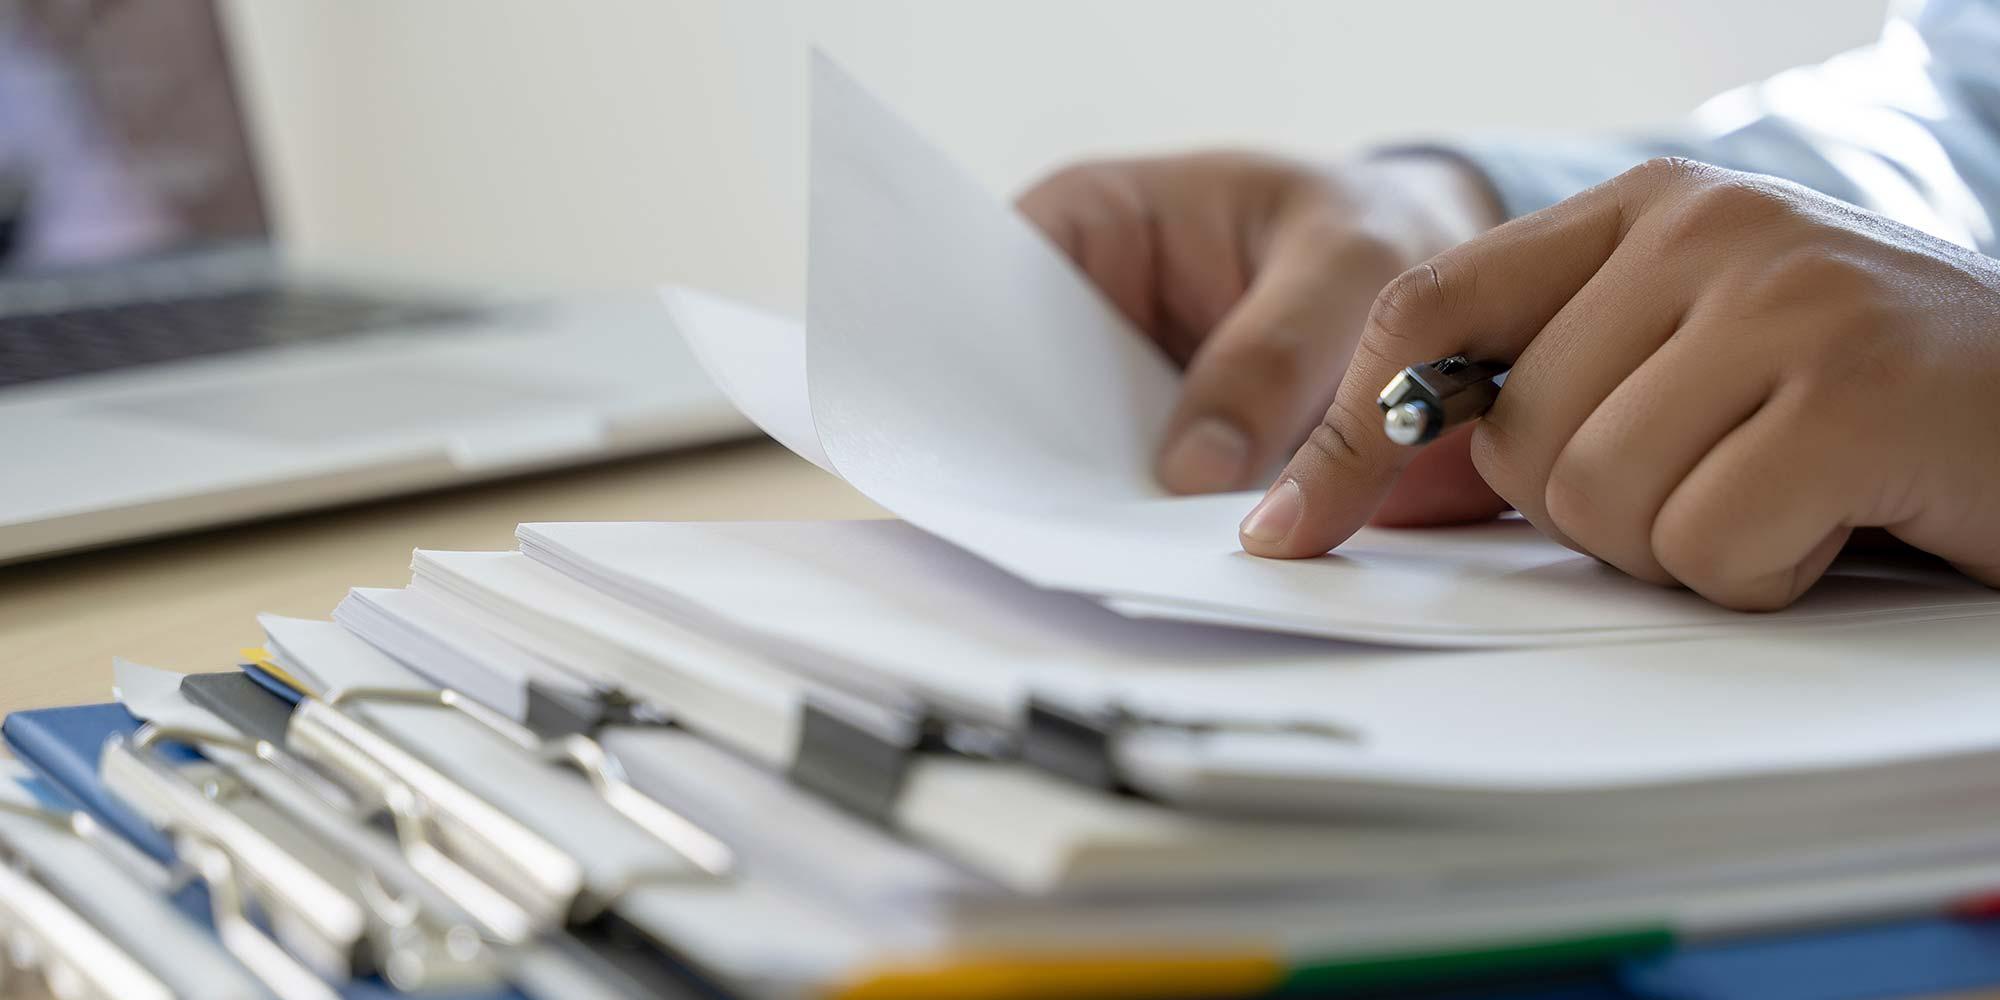 Processos manuais na advocacia: como um software jurídico pode acabar com eles